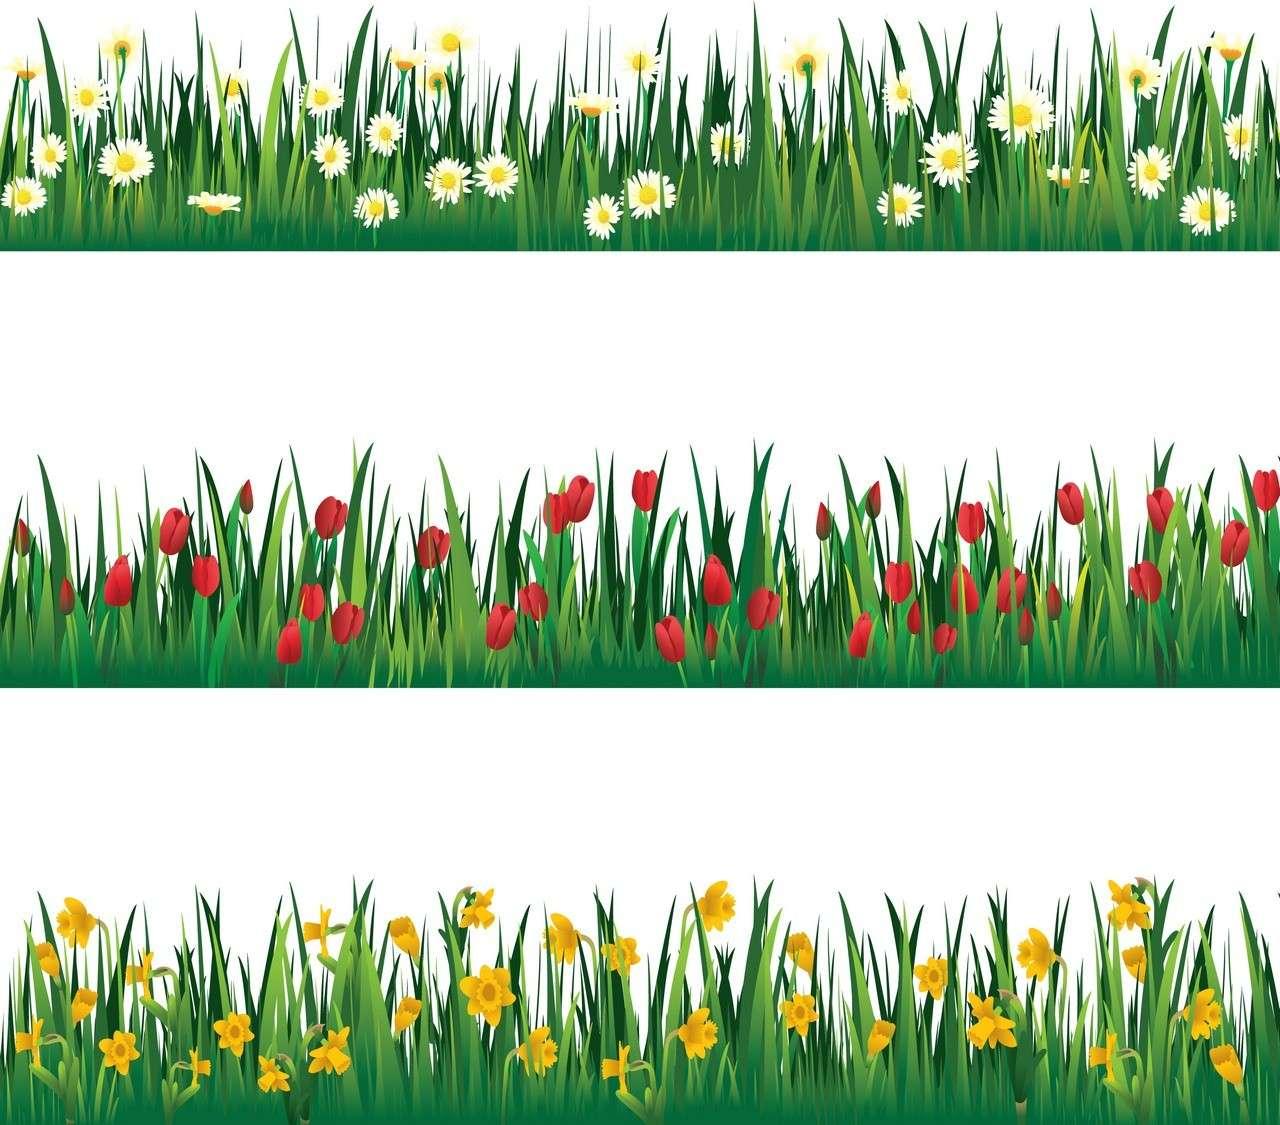 Flower, Tulip, Grass png